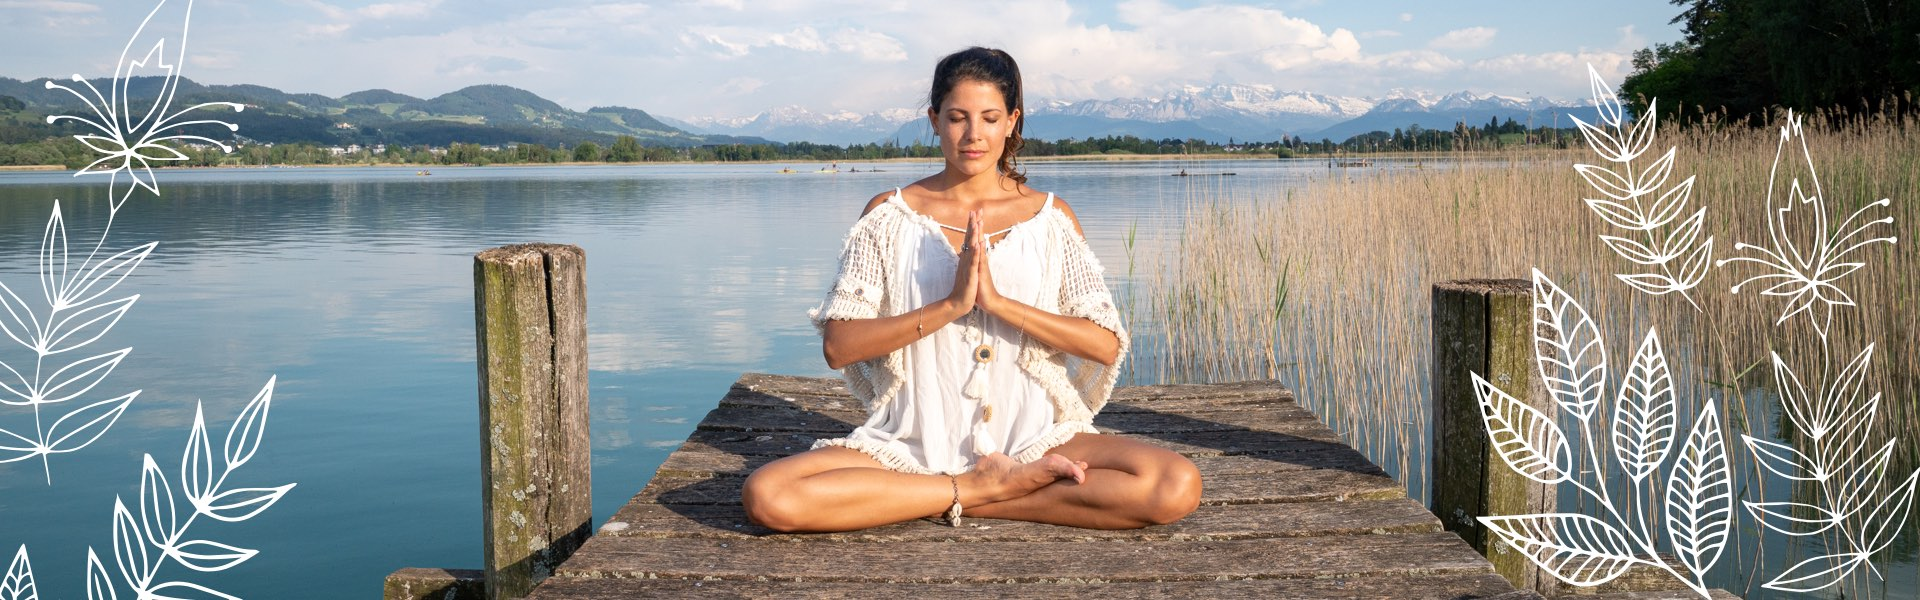 Entspannung am Wasser – Frau sitzend auf Steg in Joga-Position